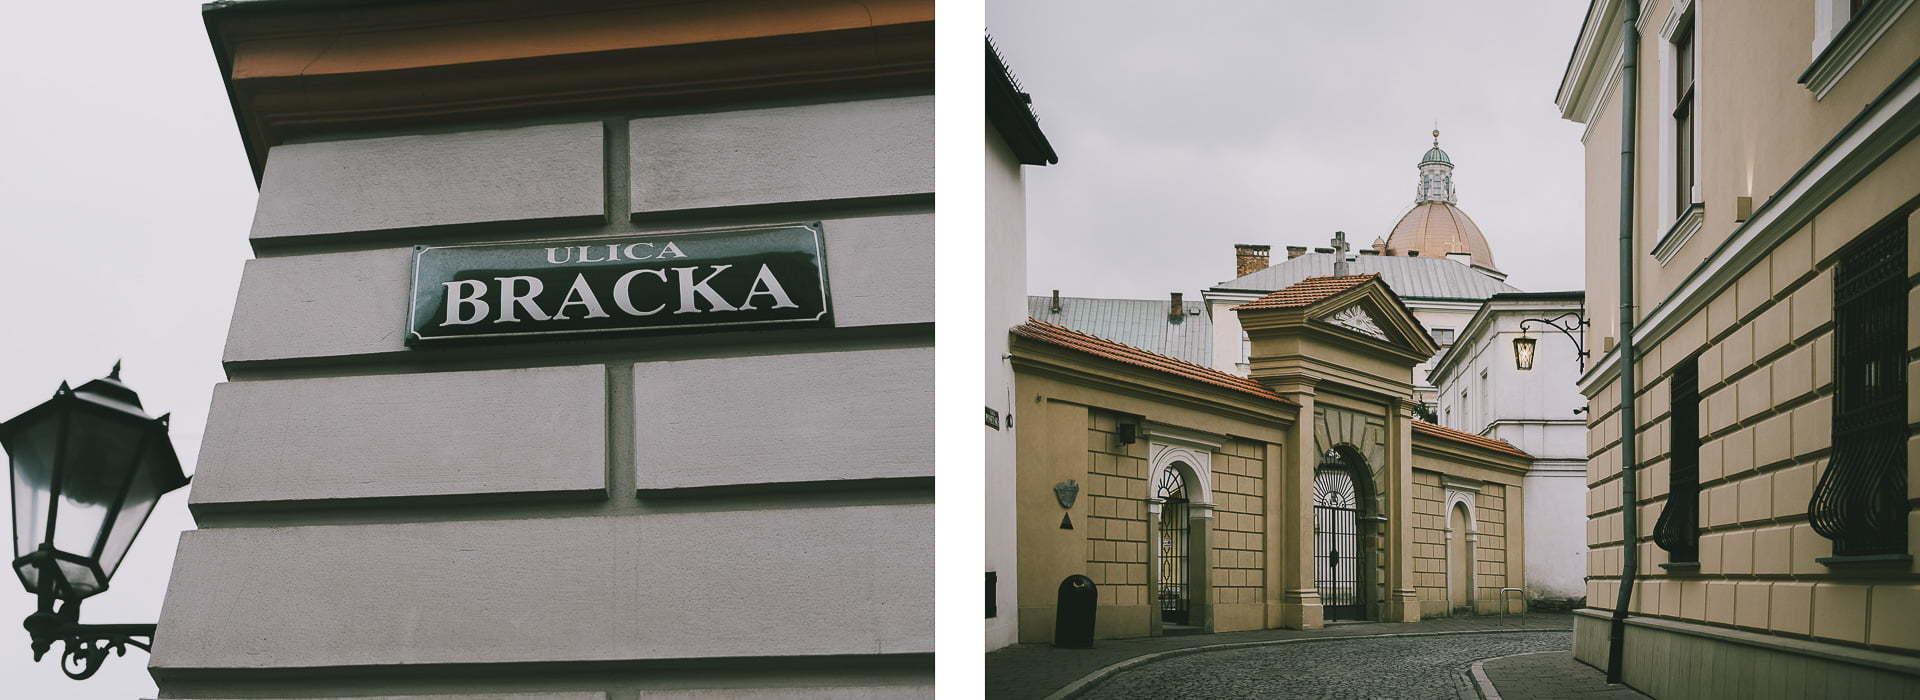 Ciekawe miejsca nazdjęcia wKrakowie - Bracka